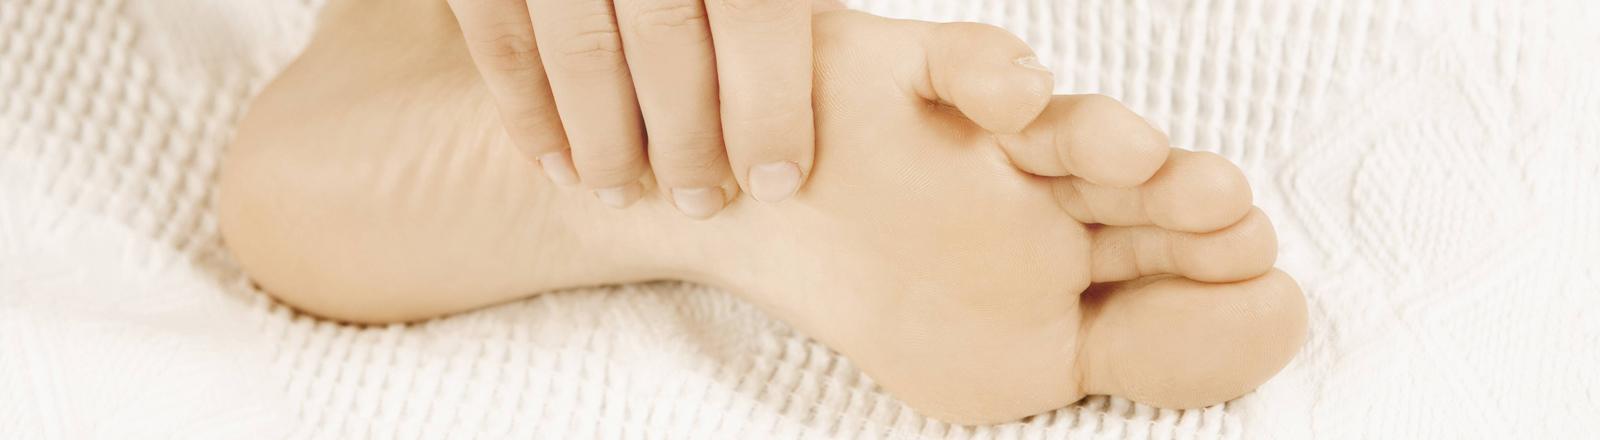 Nackter Fuß